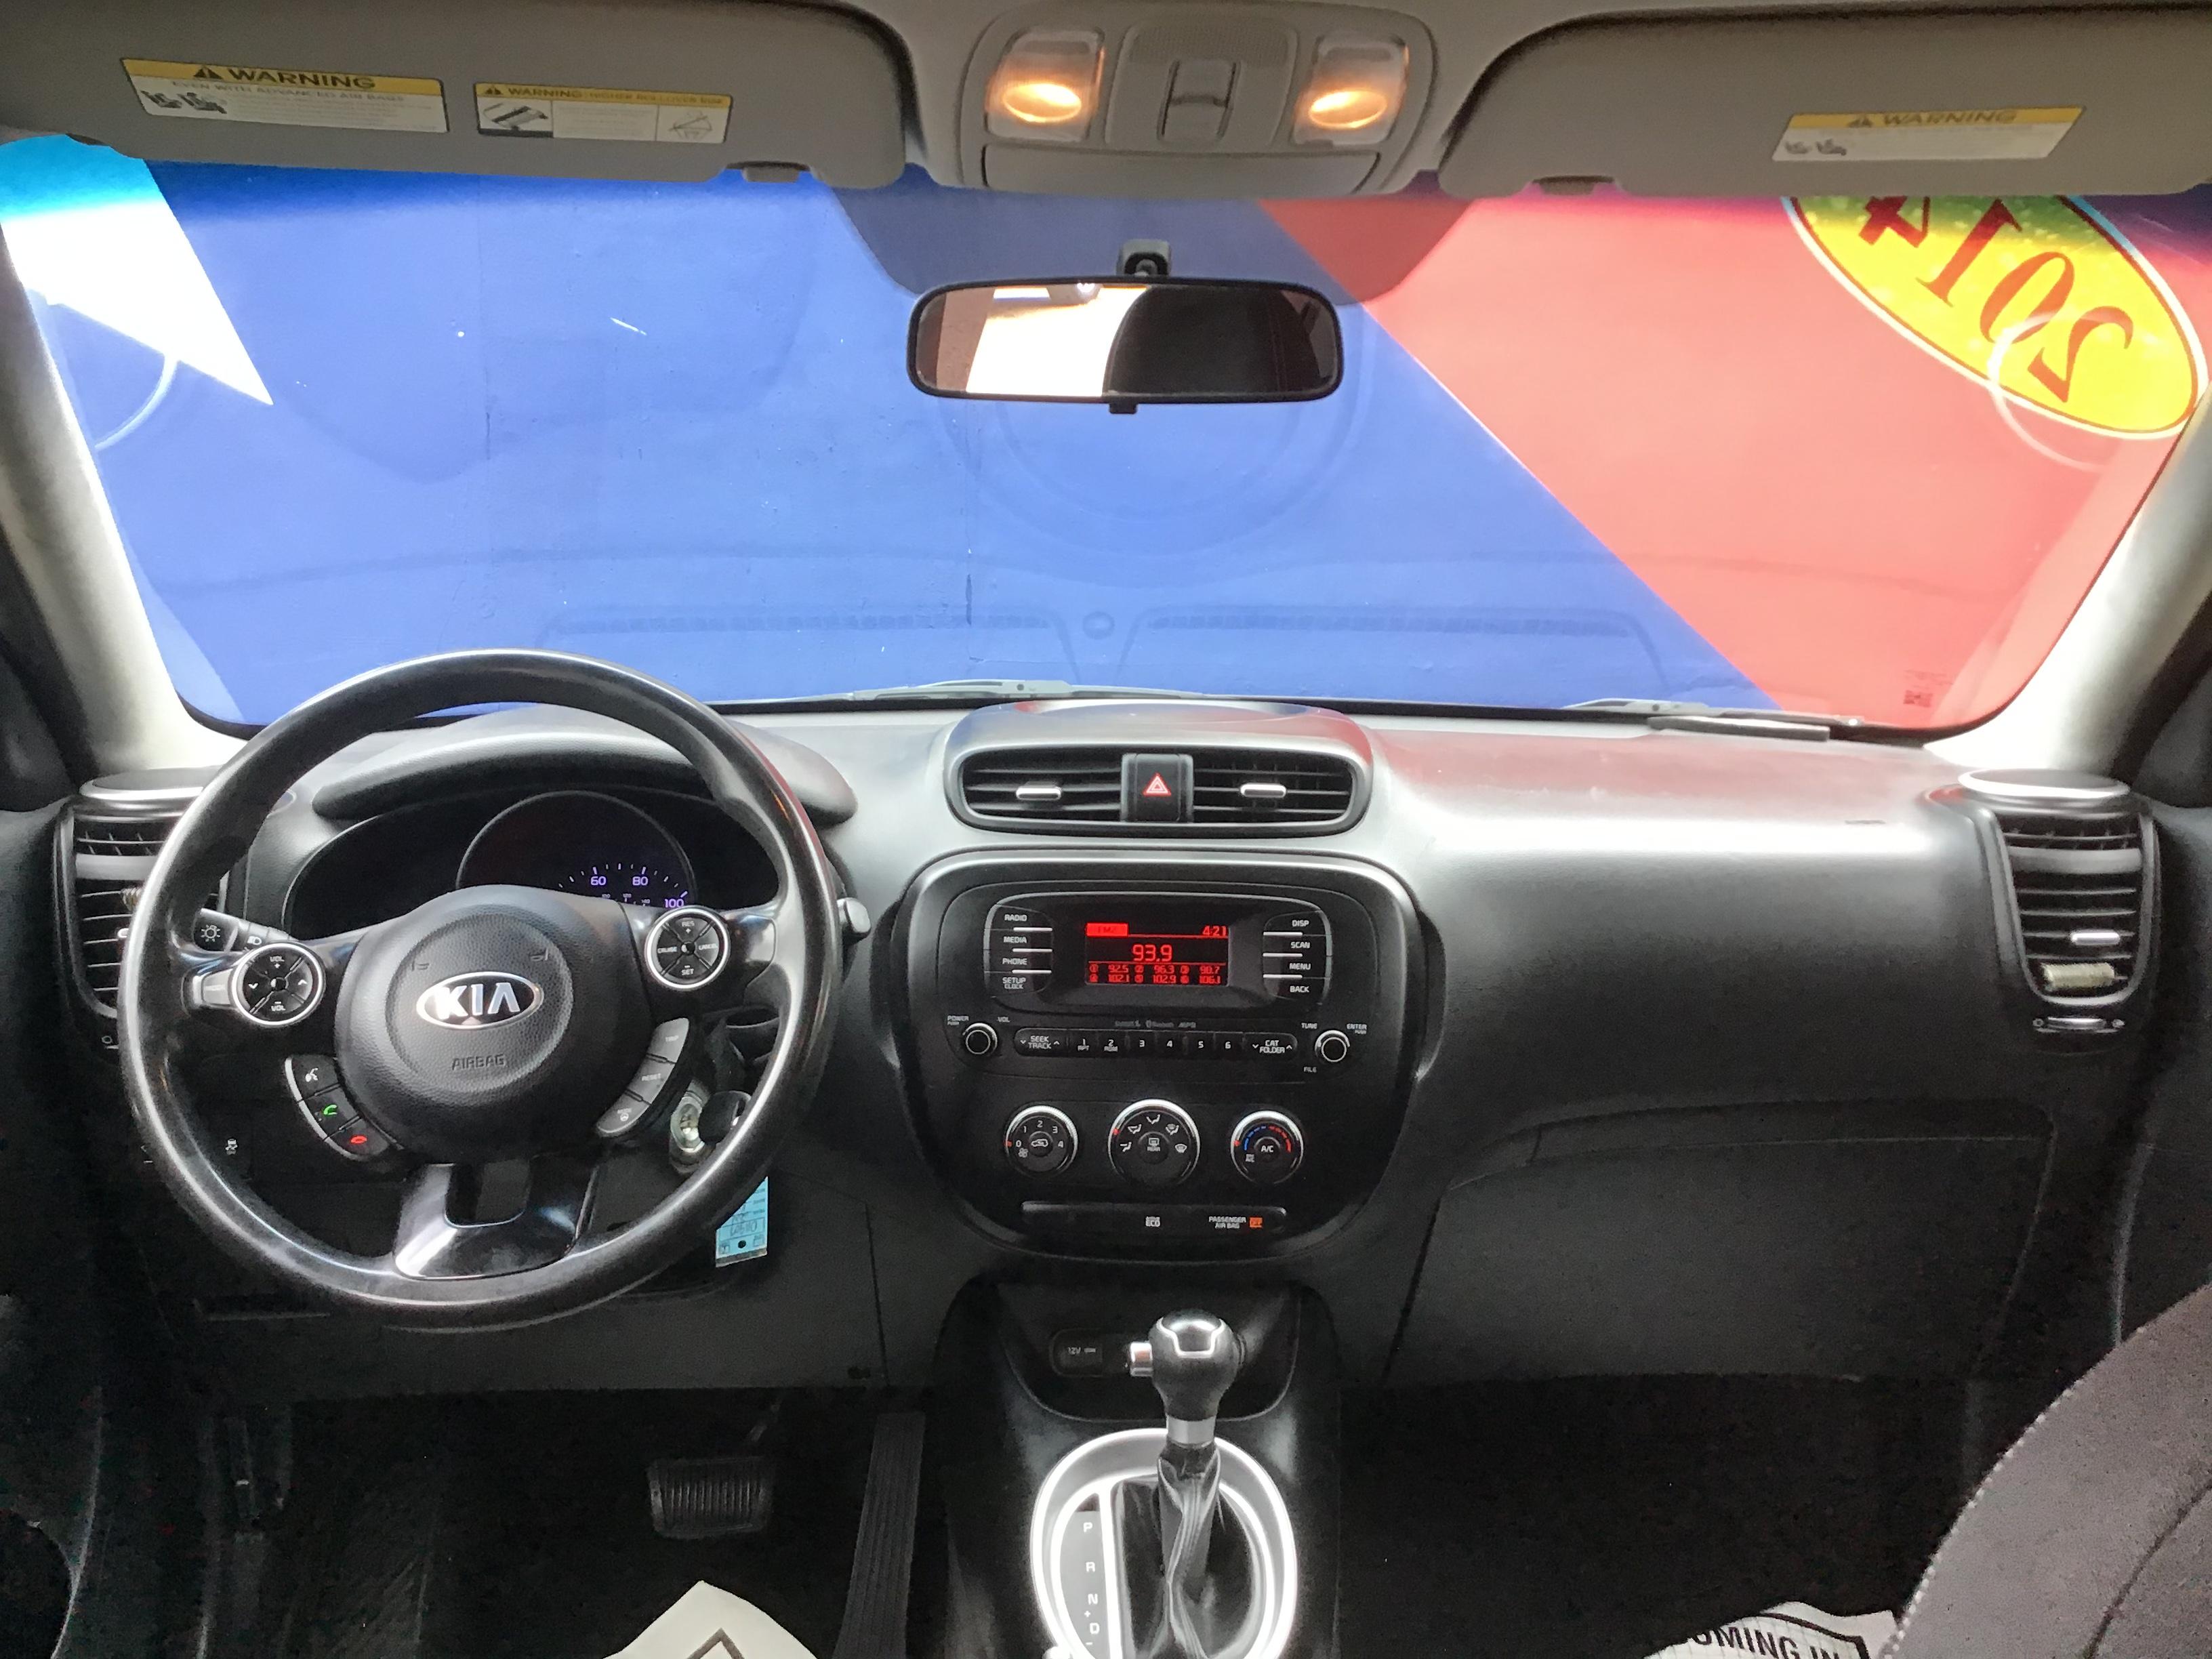 used vehicle - Sedan KIA SOUL 2014